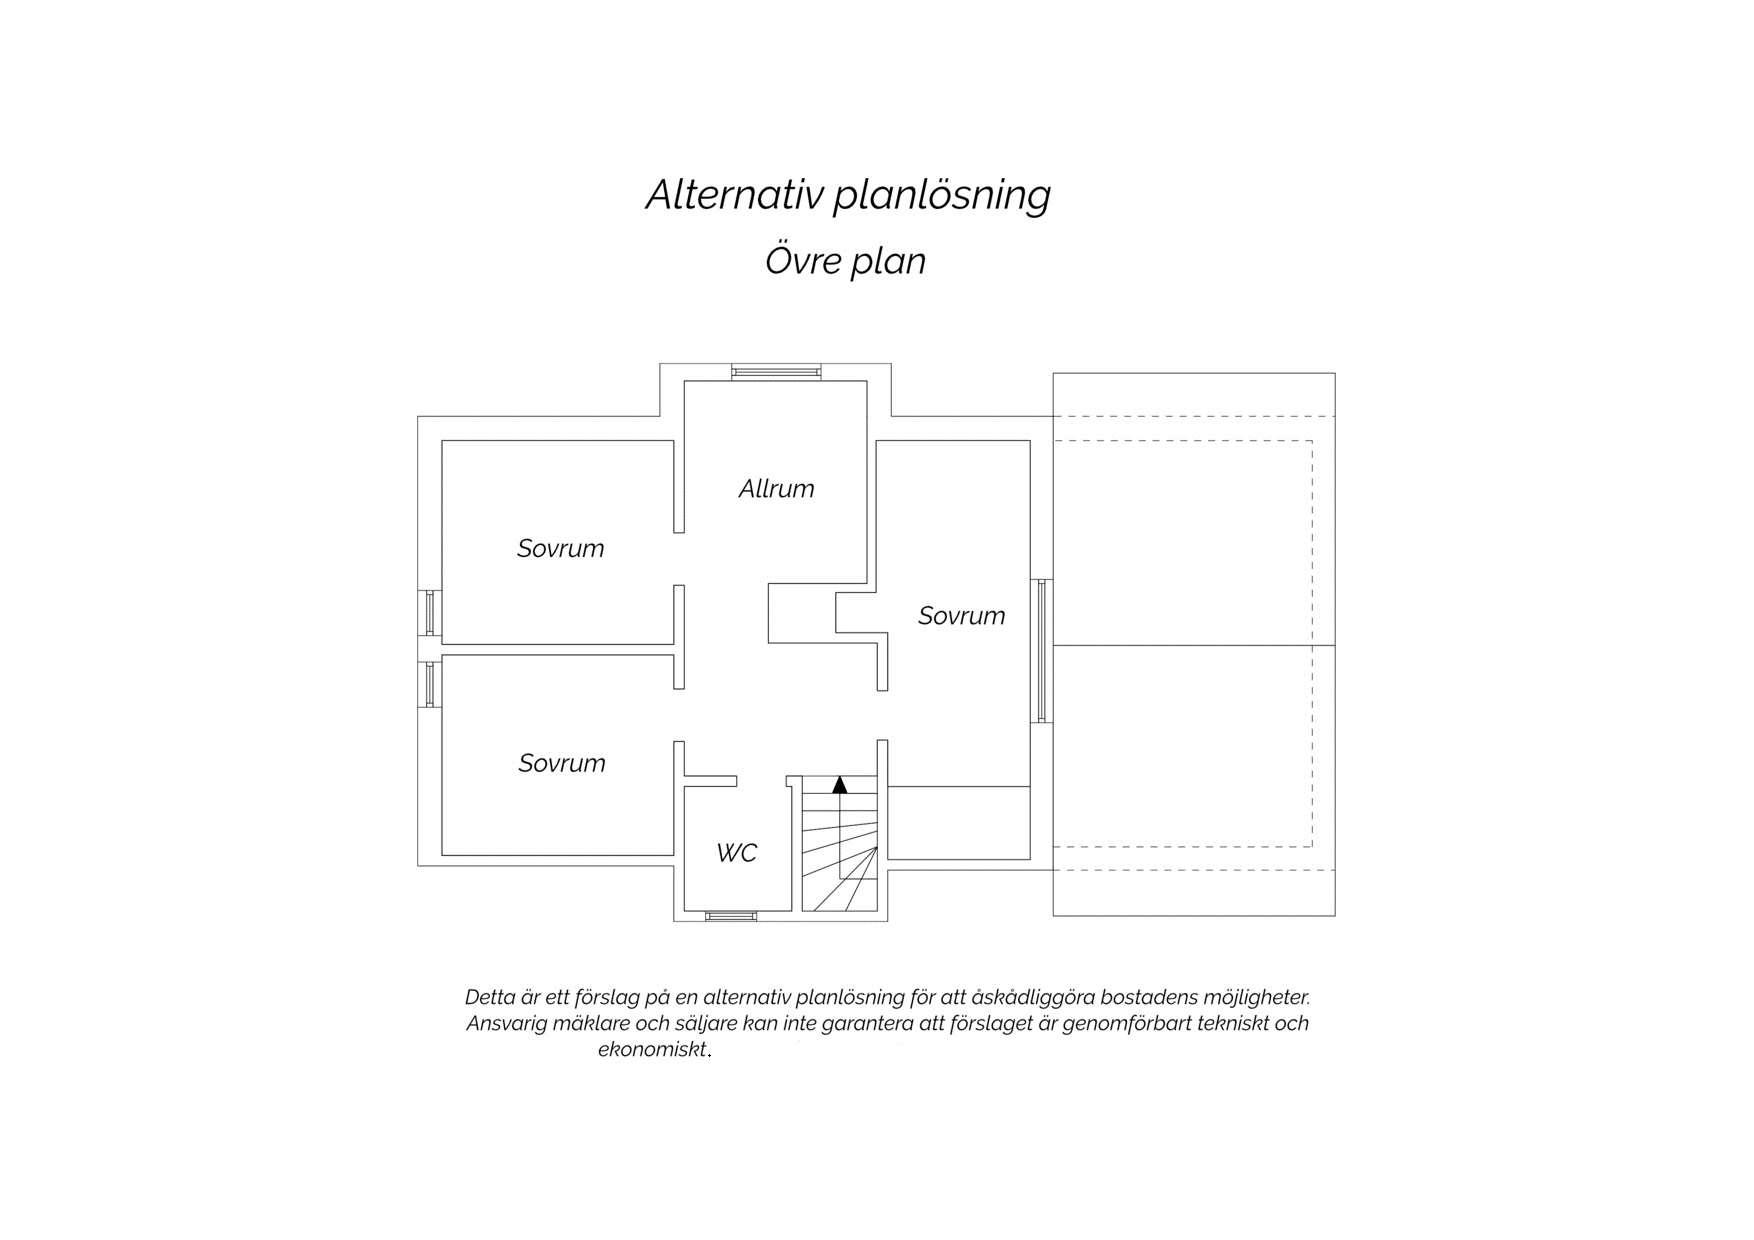 Alternativ planlösning